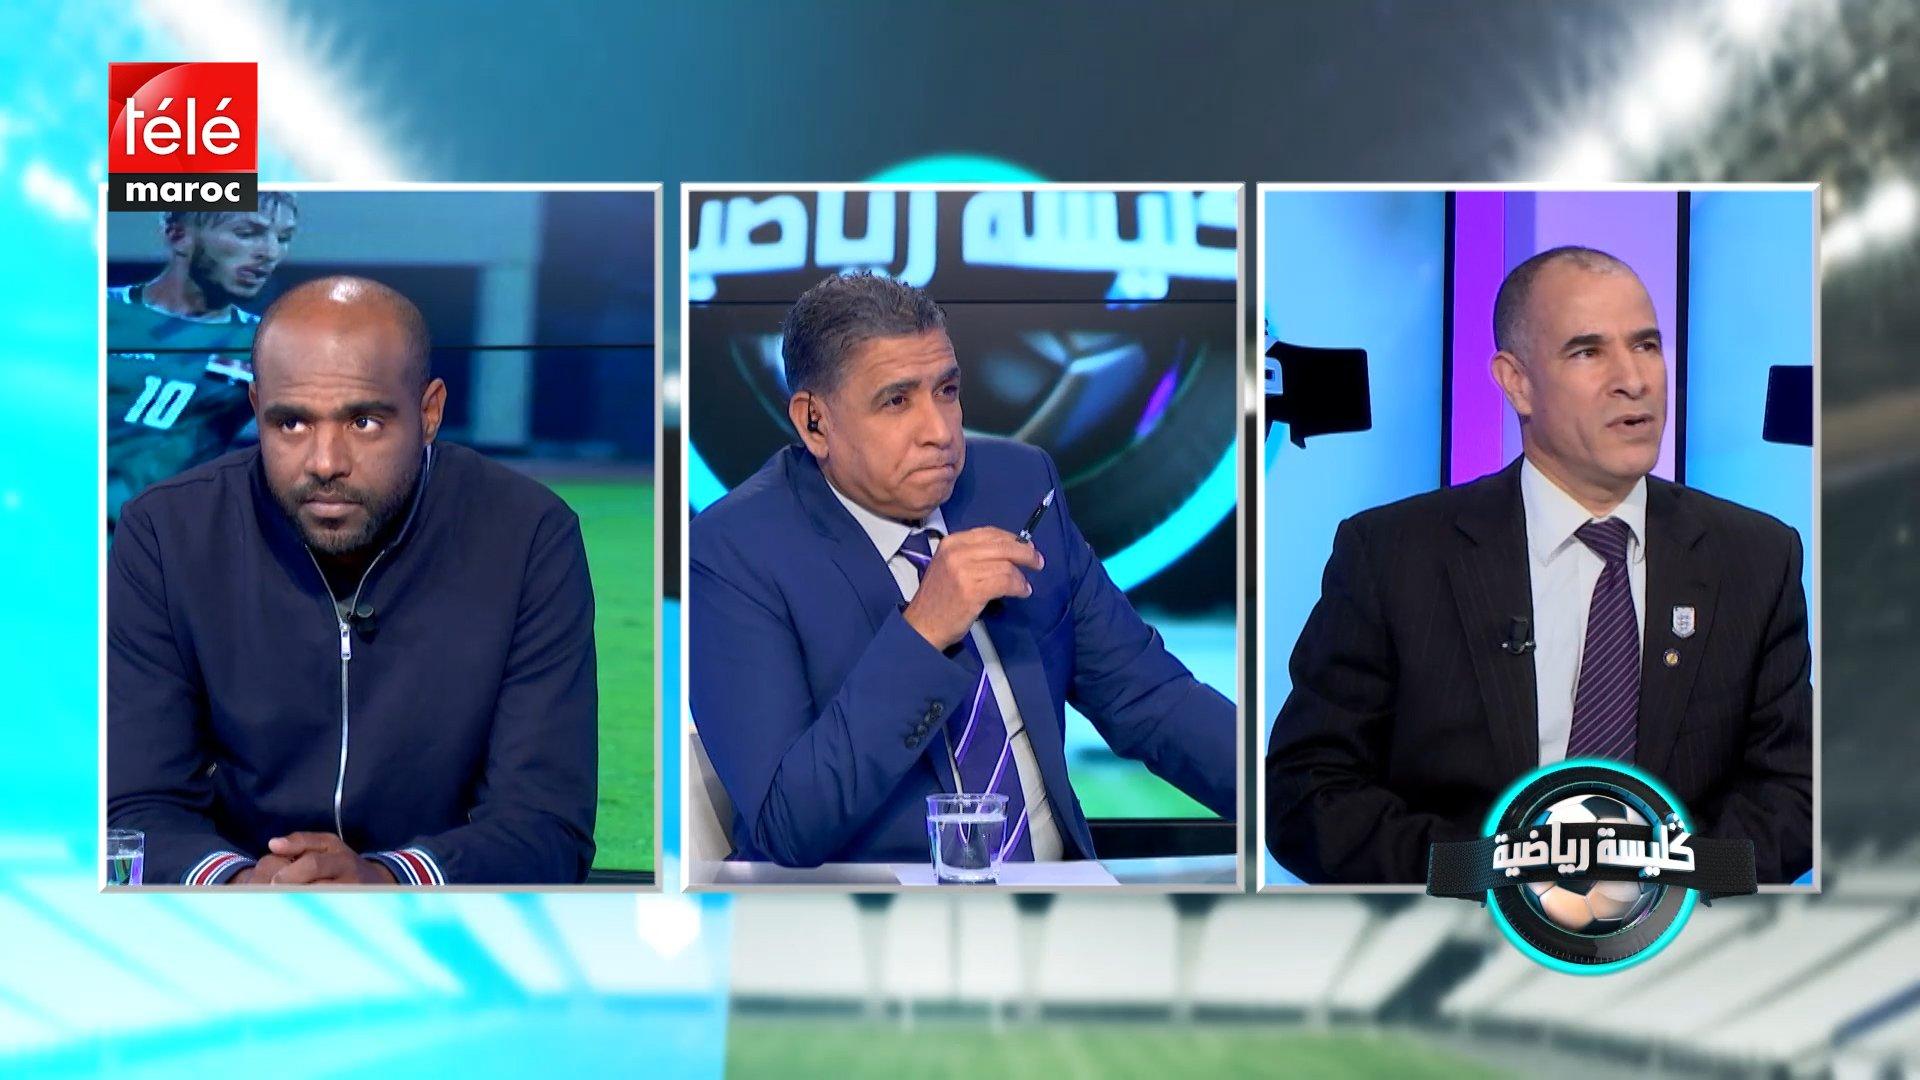 كليسة رياضية : الفيفا تعاقب فريقا مغربيا بمنع الانتدابات وتهدد فرقا أخرى